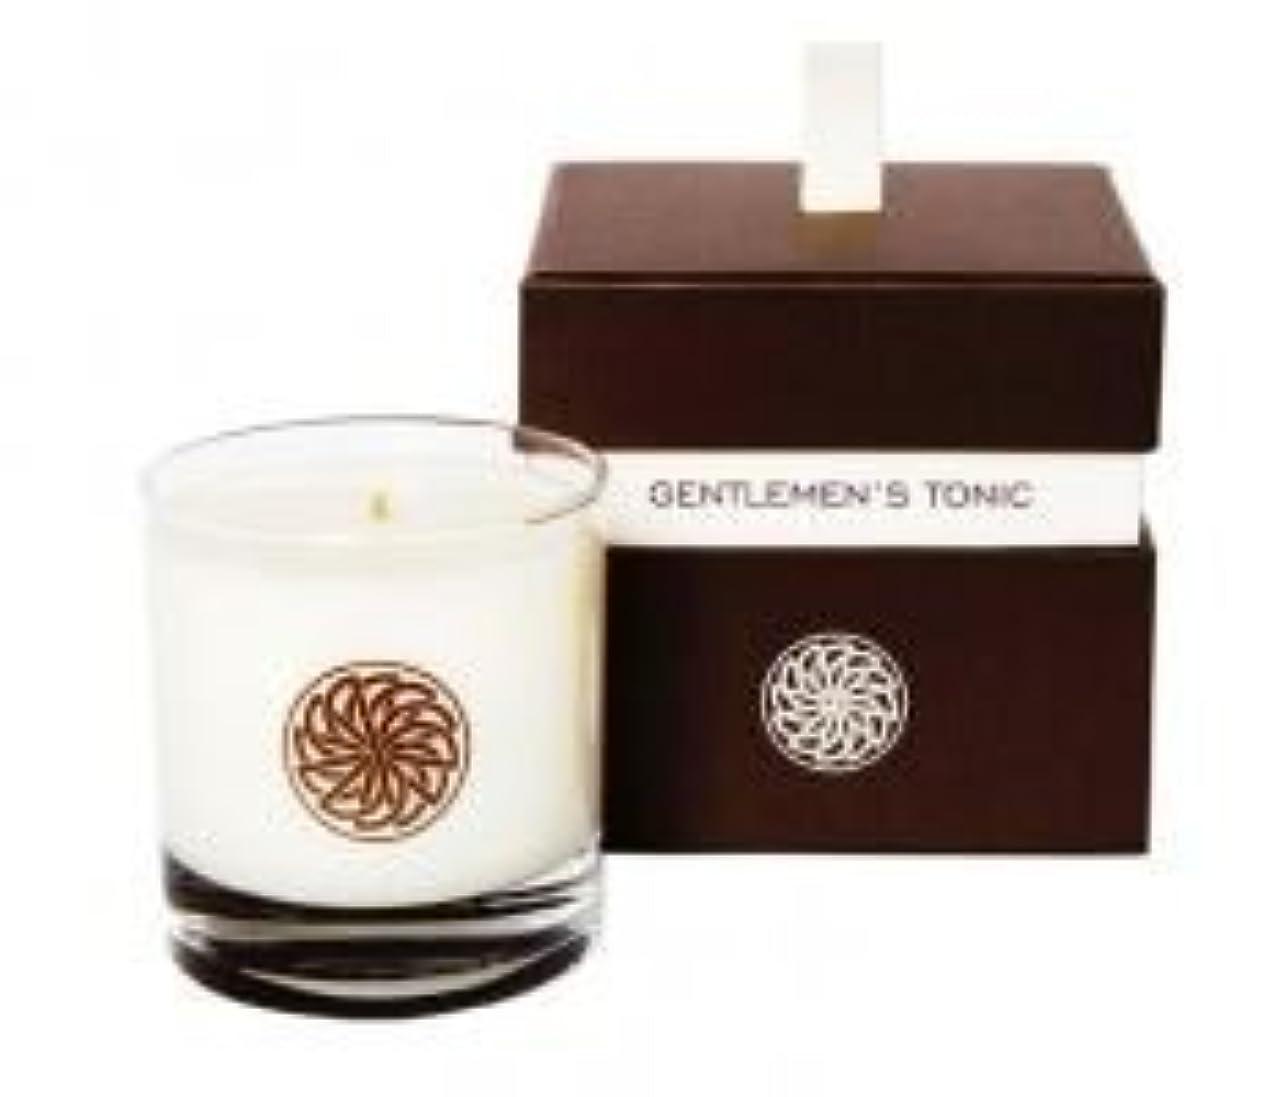 ハプニングロデオ妖精Gentlemen's Tonic ジェントルメンズトニック Gift Candle Box (ギフトキャンドルボックス) 300g